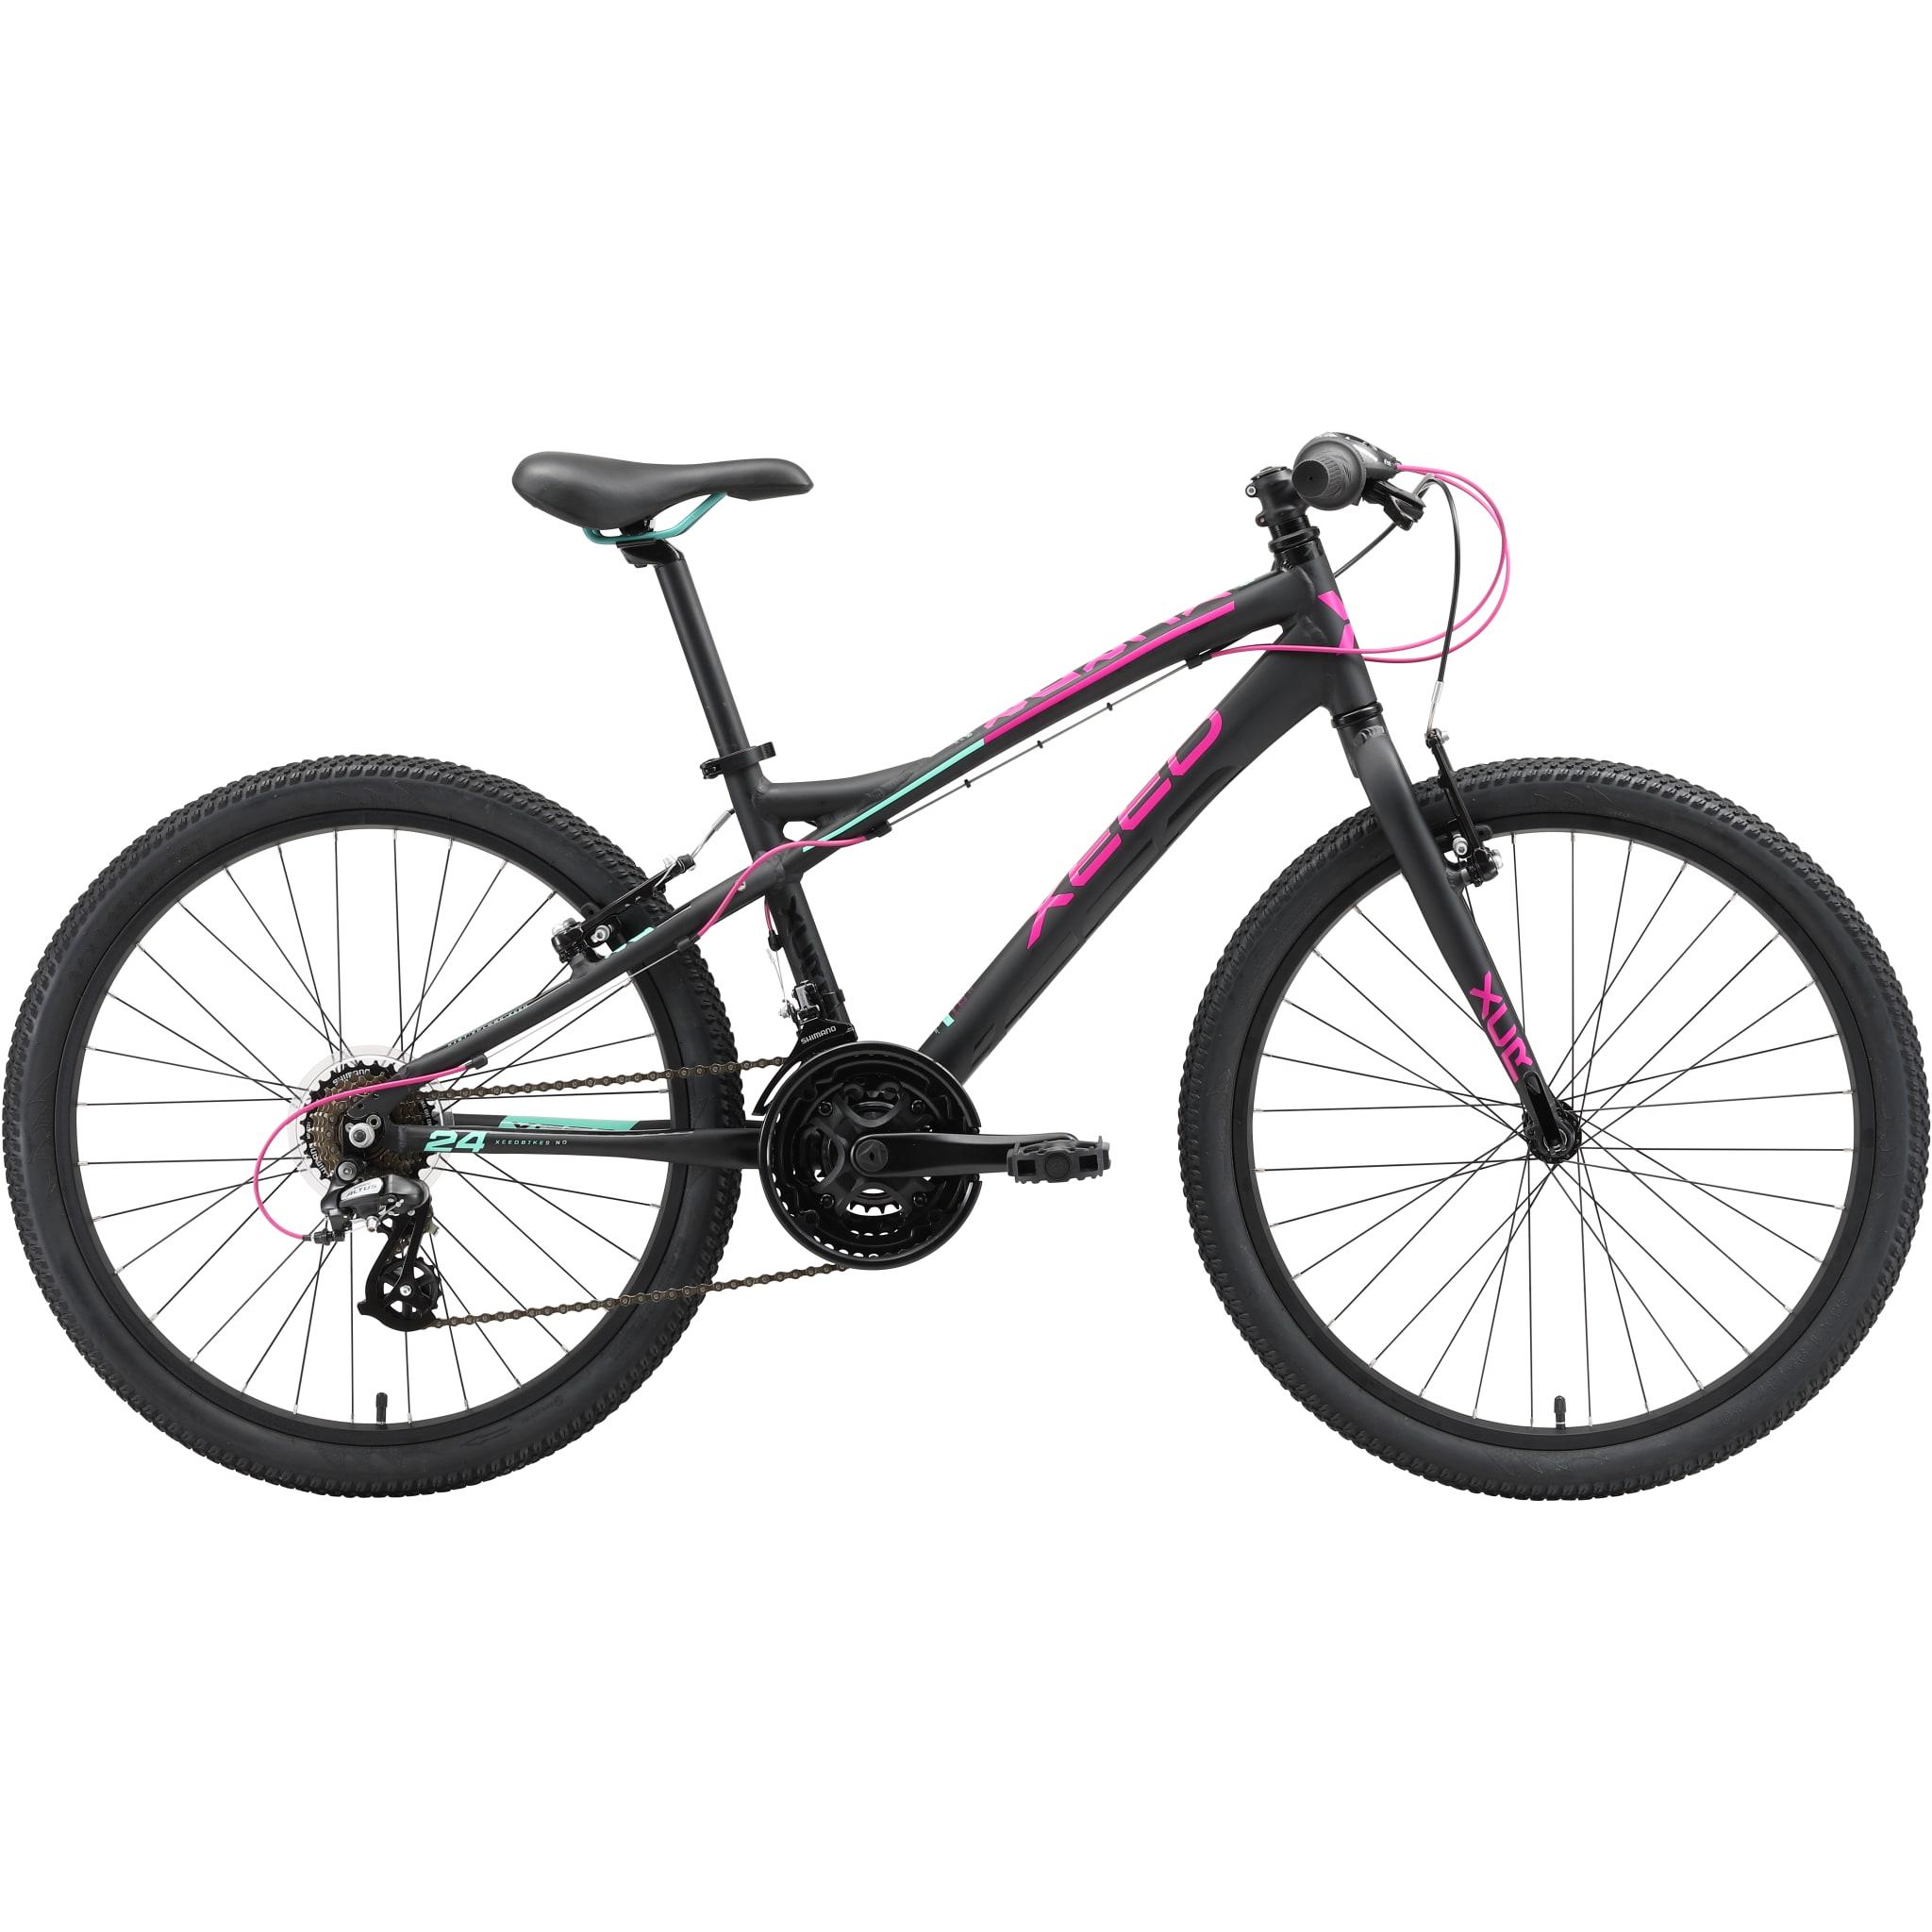 Lettvekts sykkel for piker på 8-12 år